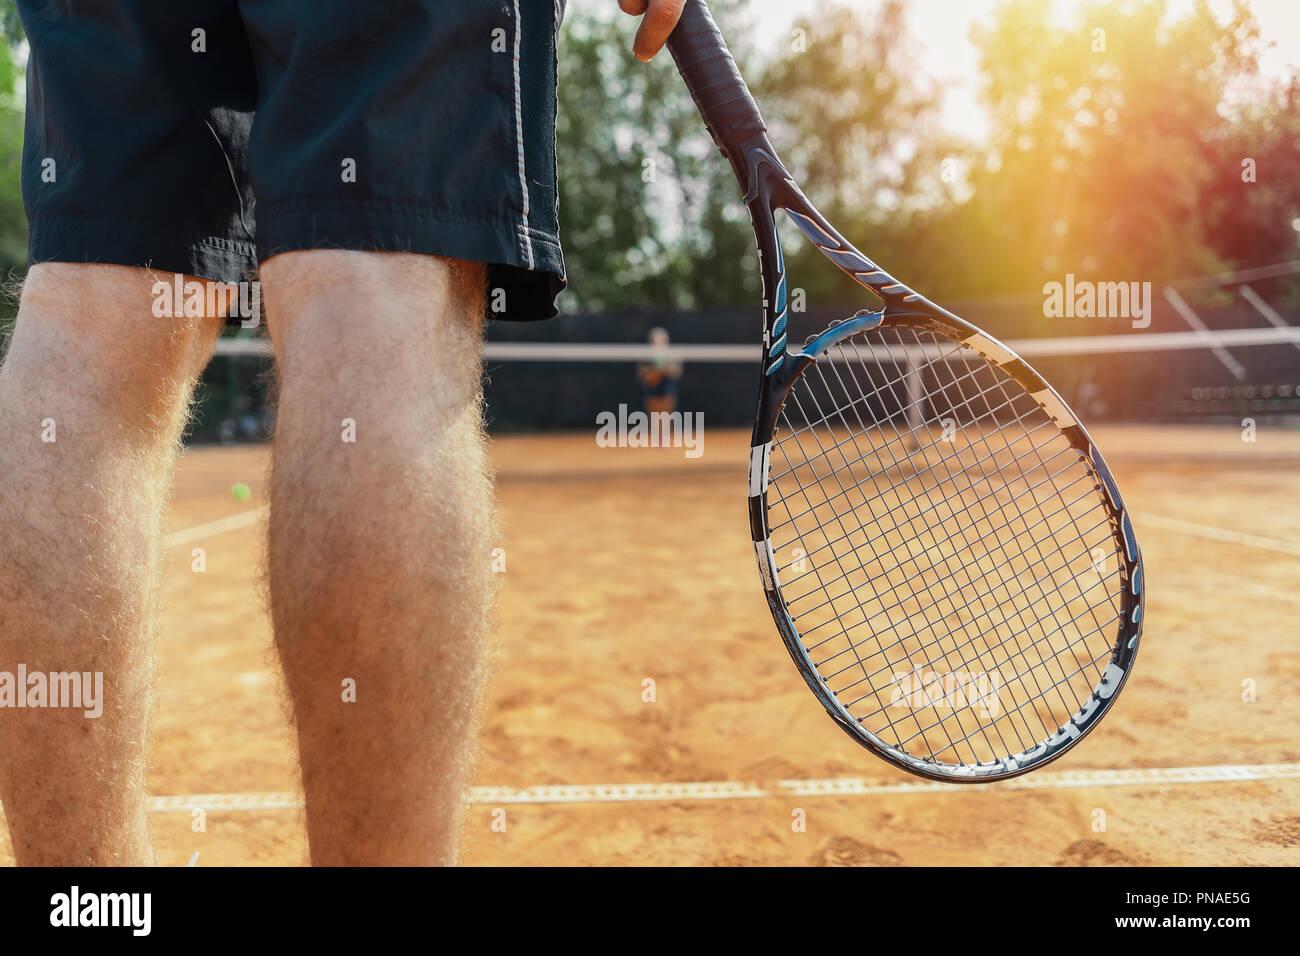 Der Mann hält Schläger beim Warten auf die Kugel in einen Tennisplatz. Der Mensch ist der Mittelpunkt und Vordergrund, Tennis net ist auf Hintergrund und unscharf Stockbild